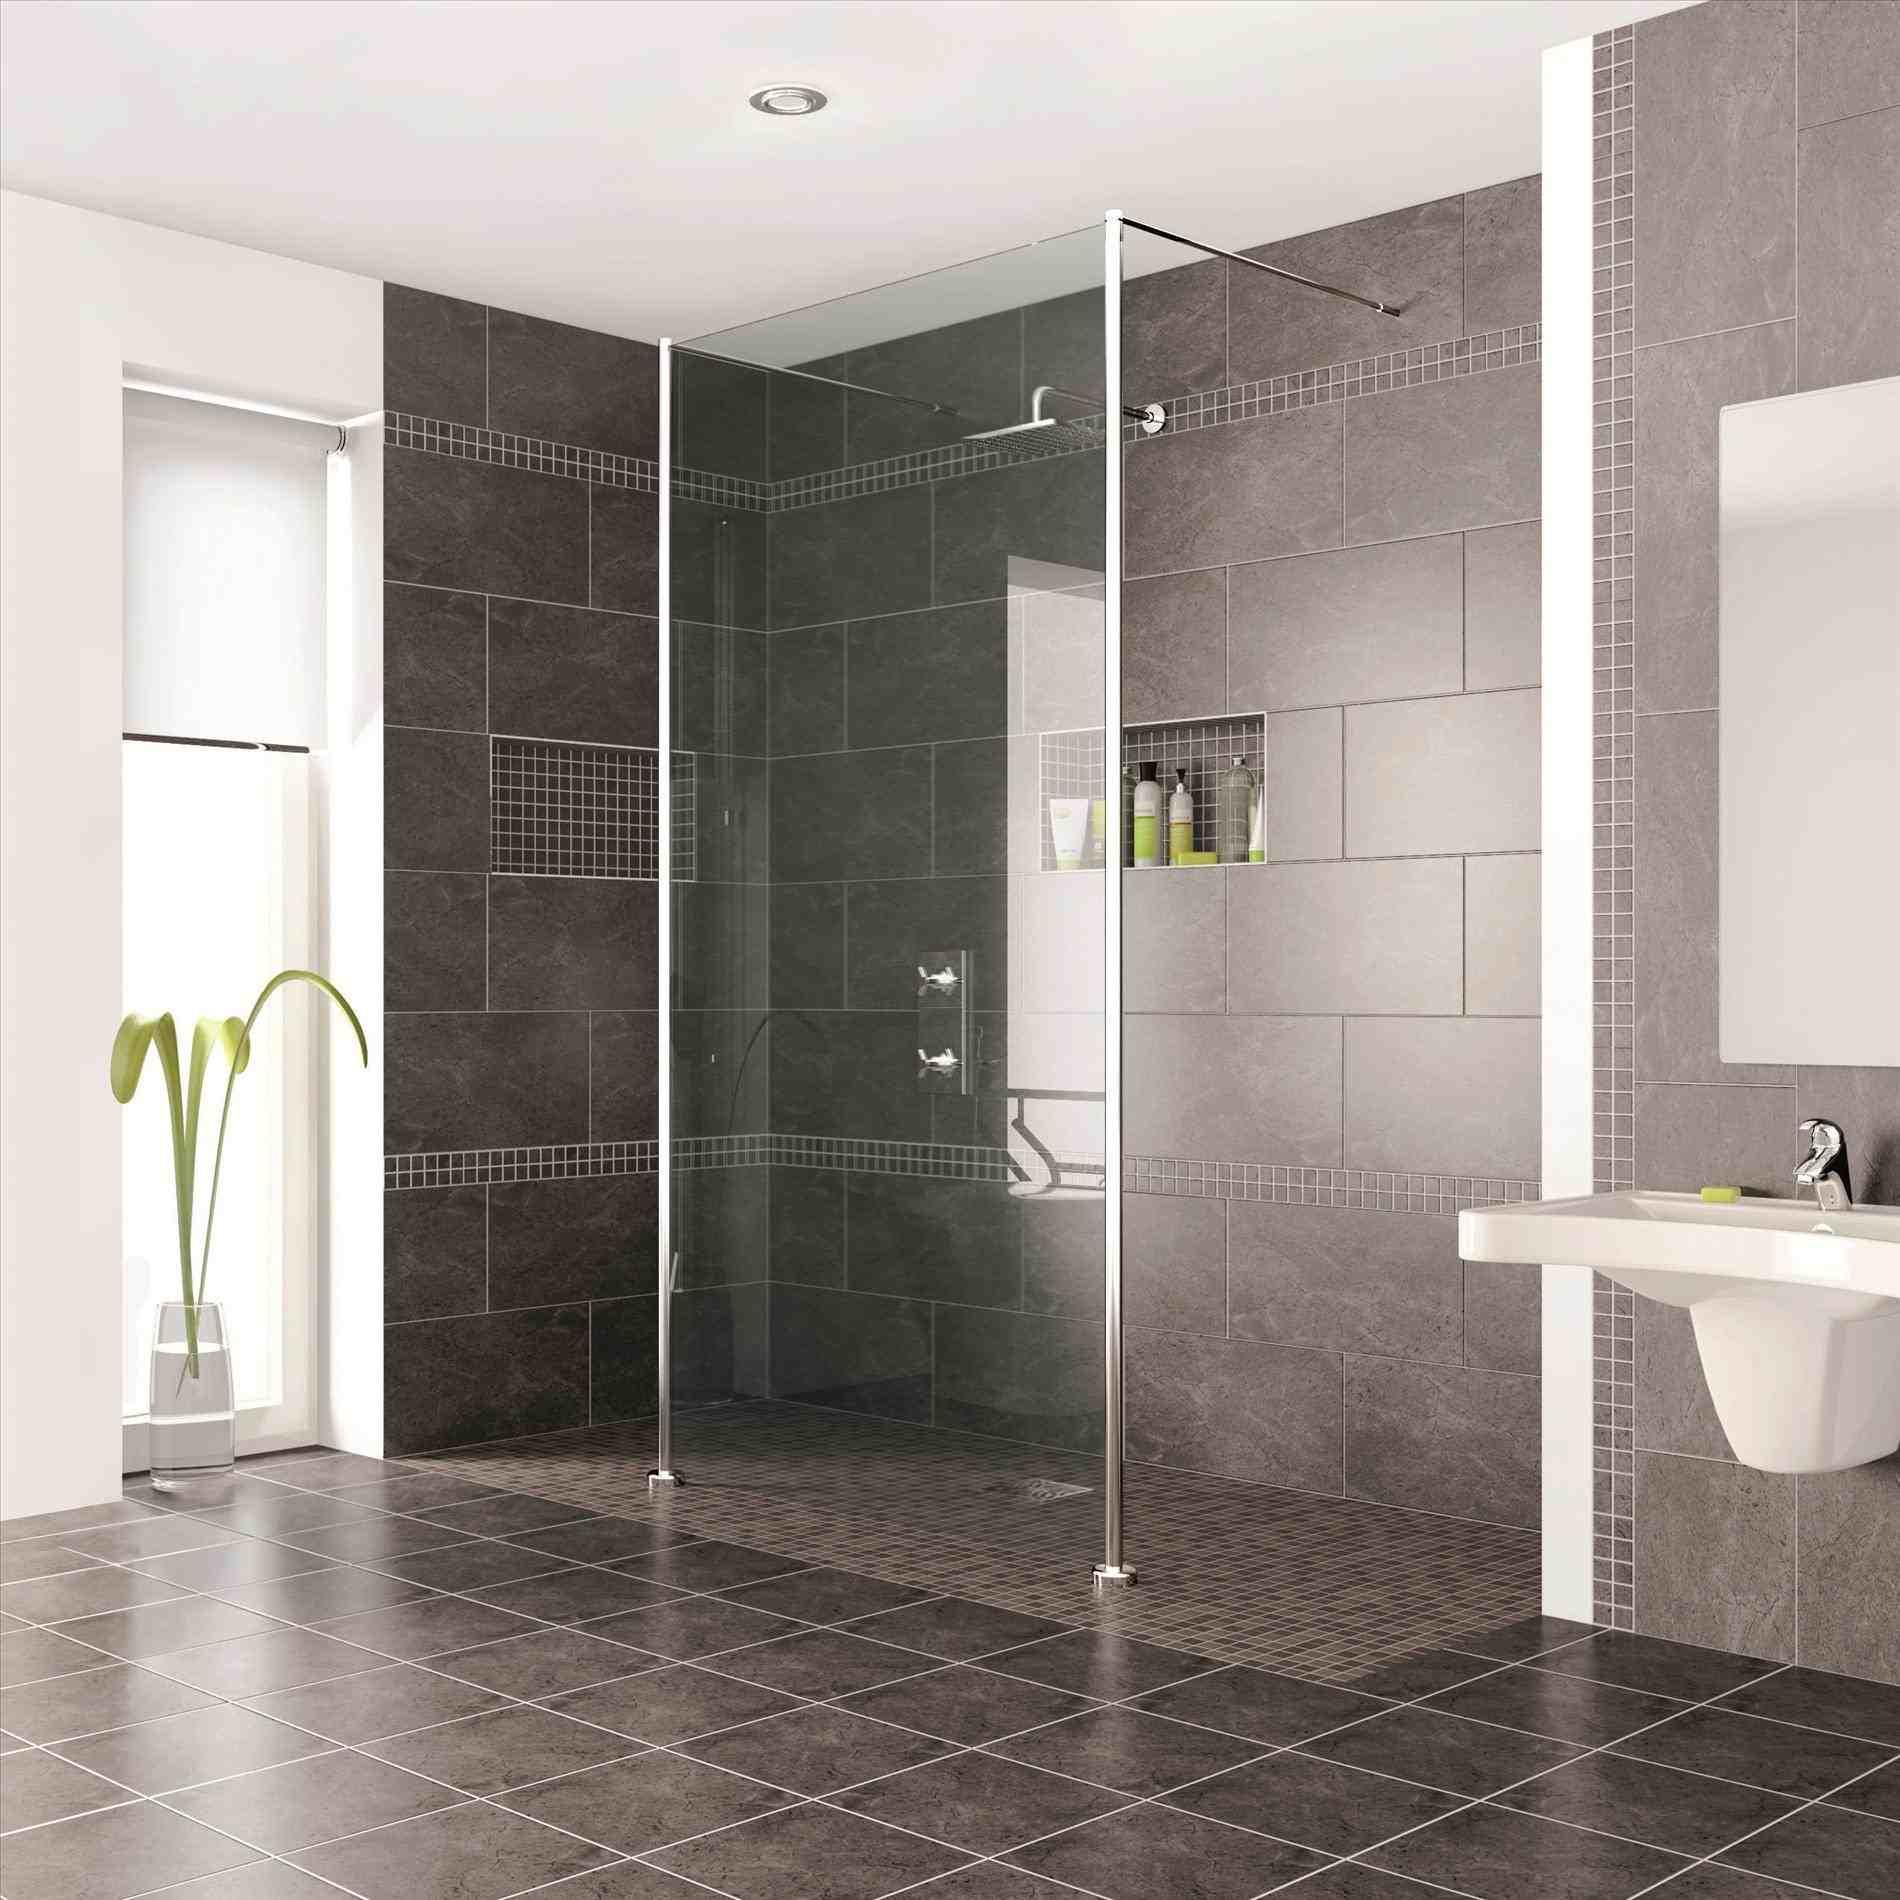 Entrancing Handicap Accessible Bathroom Design Ideas Of ...